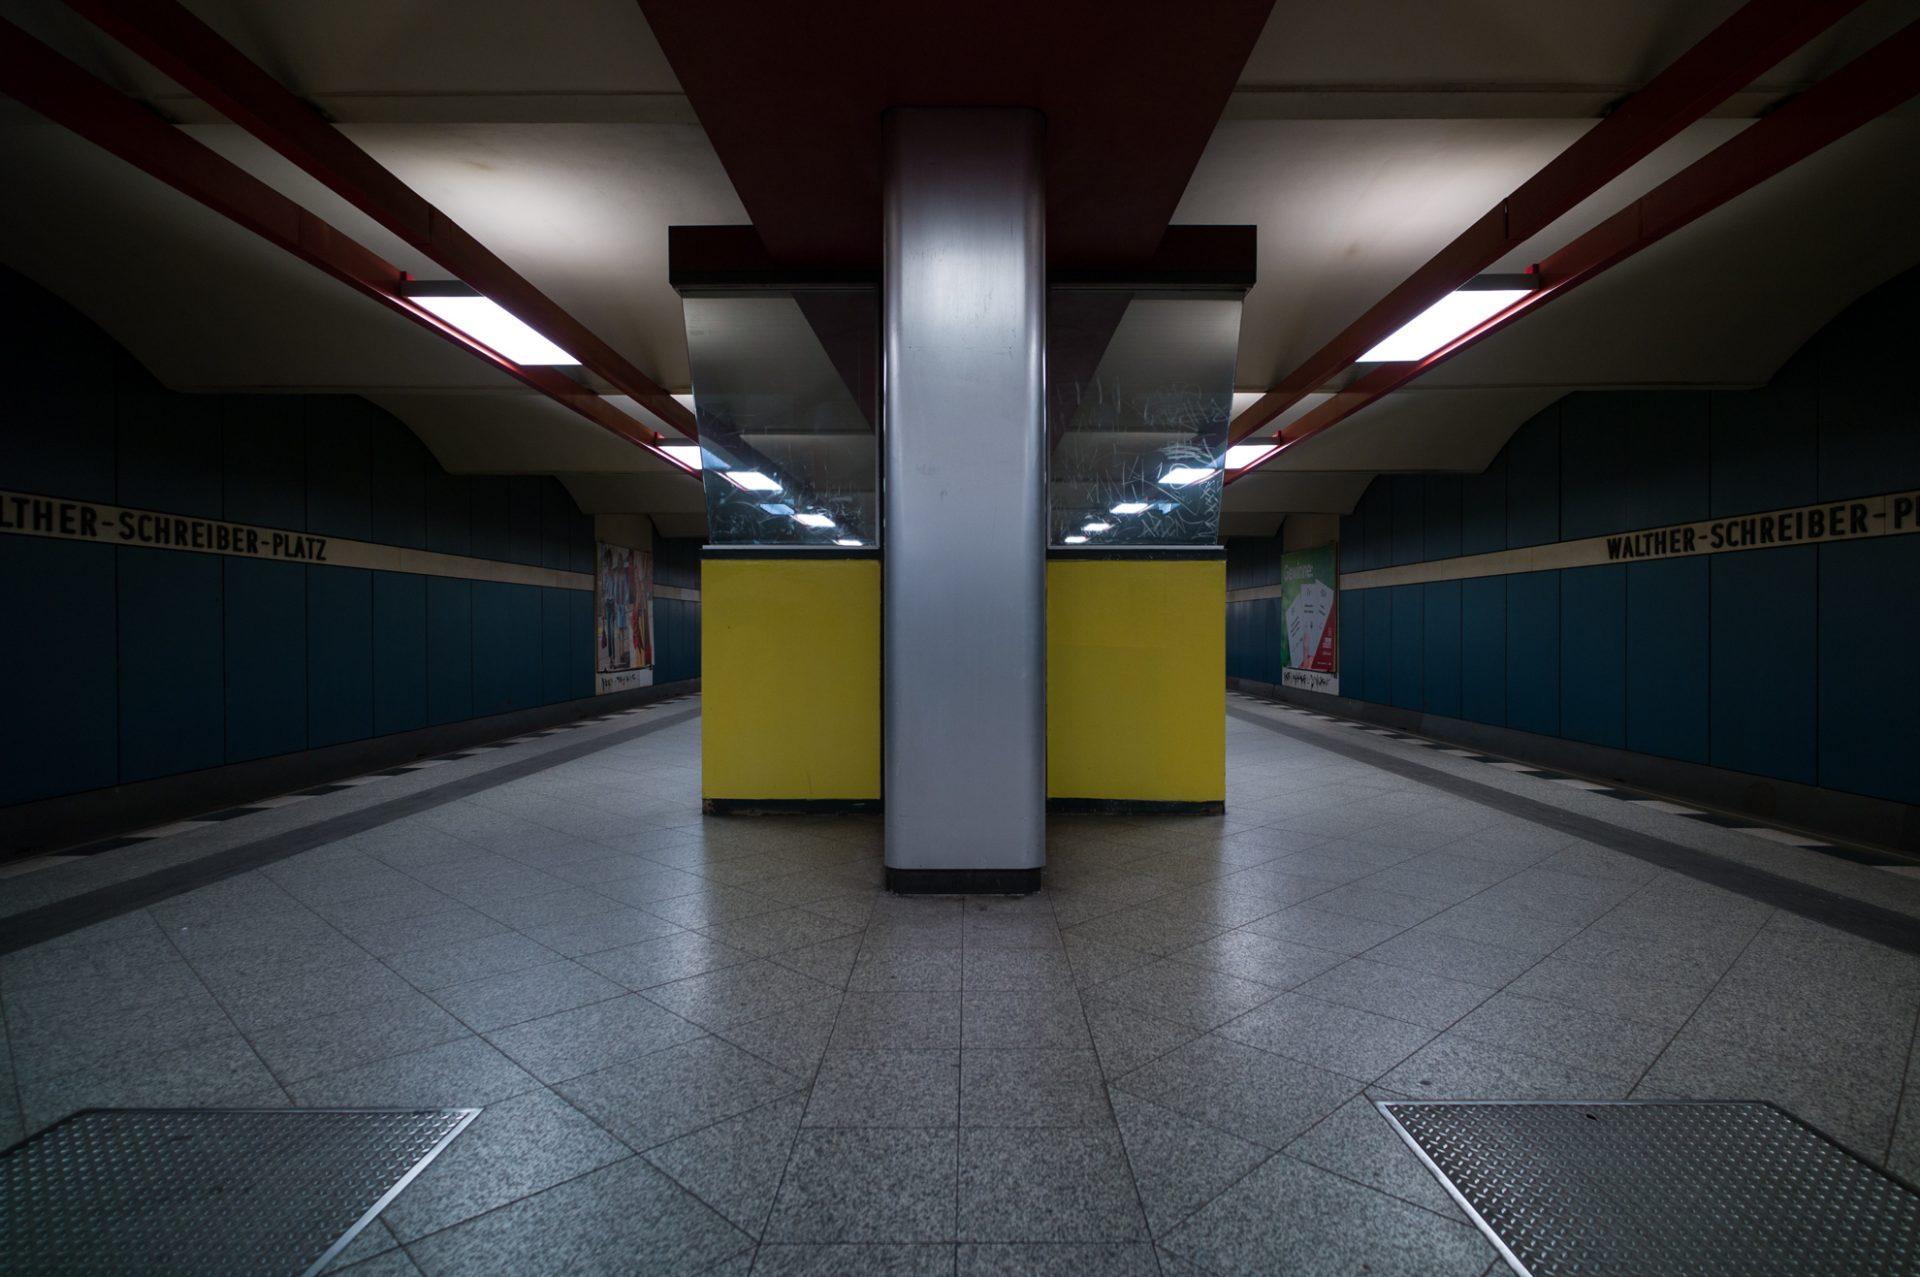 u9_walterschreiberplatz (3 von 5)